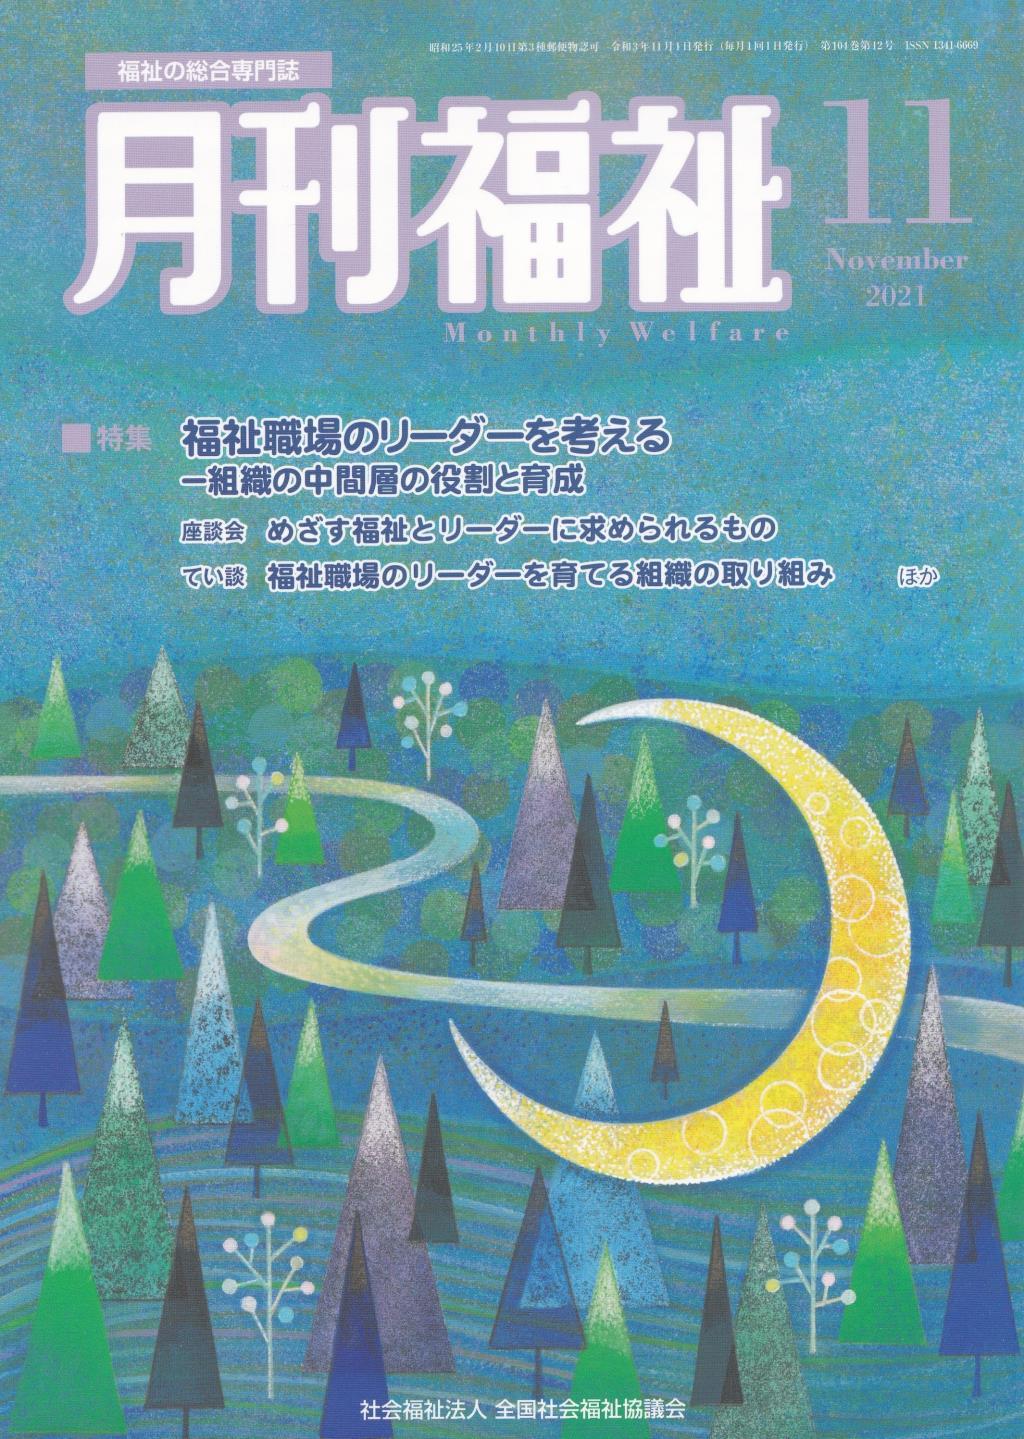 月刊福祉 2021年11月号 第104巻 第12号